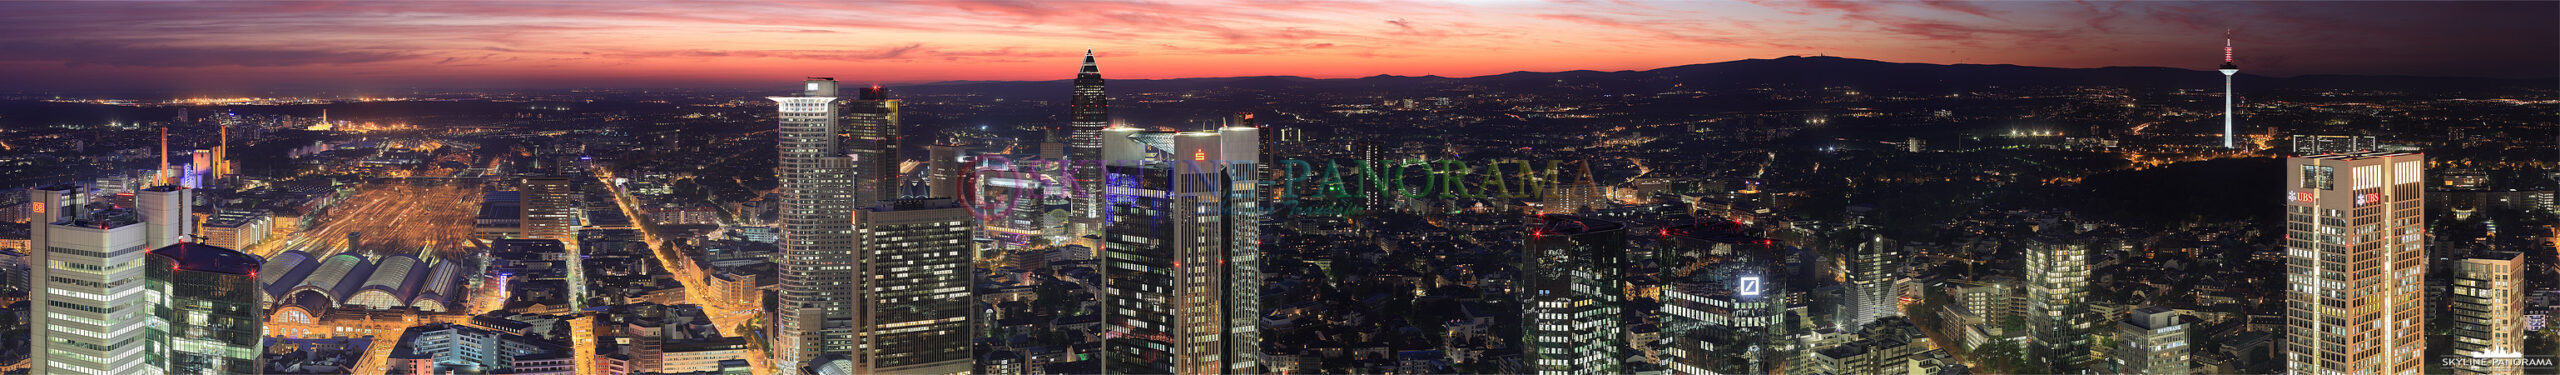 Ein Panorama, das kurz nach dem Sonnenuntergang entstanden ist und den glutroten Himmel über den Bankentürmen der Frankfurter City zeigt - der Ausblick geht in Richtung Westen, über den Hauptbahnhof, die Frankfurter Messe bis hinauf in den Taunus mit dessen höchster Erhebung, dem Feldberg.